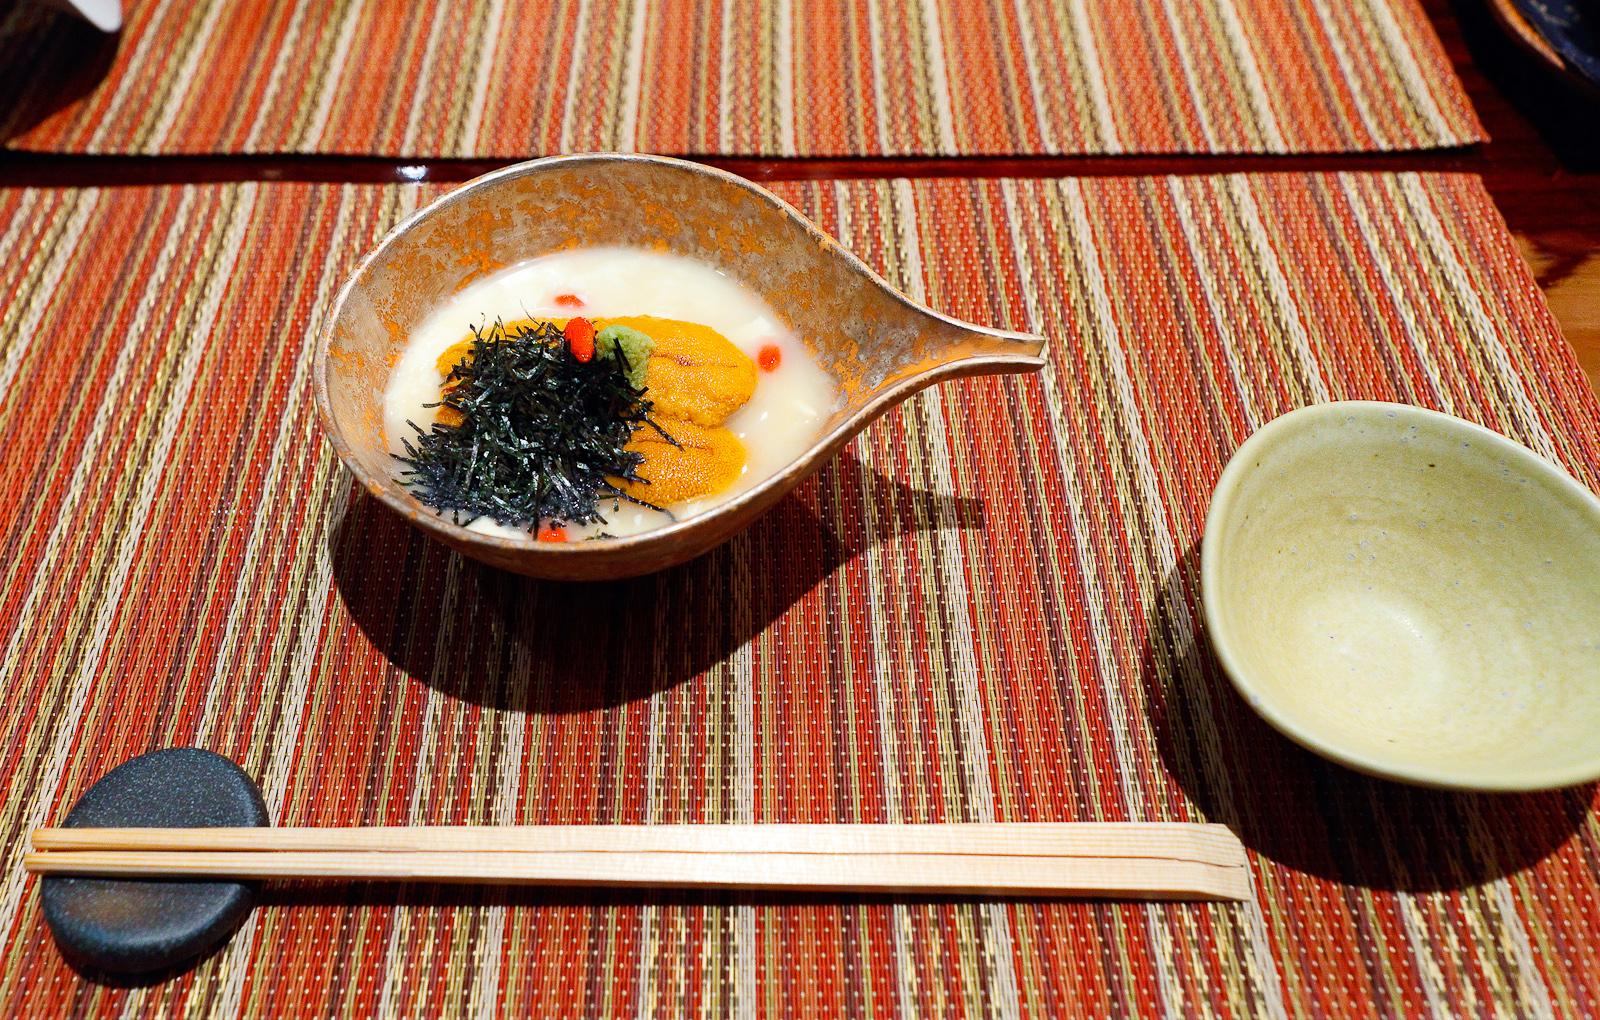 Yuba and uni yoshino style, sea urchin on tofu skin in crystal clear sauce ($14)